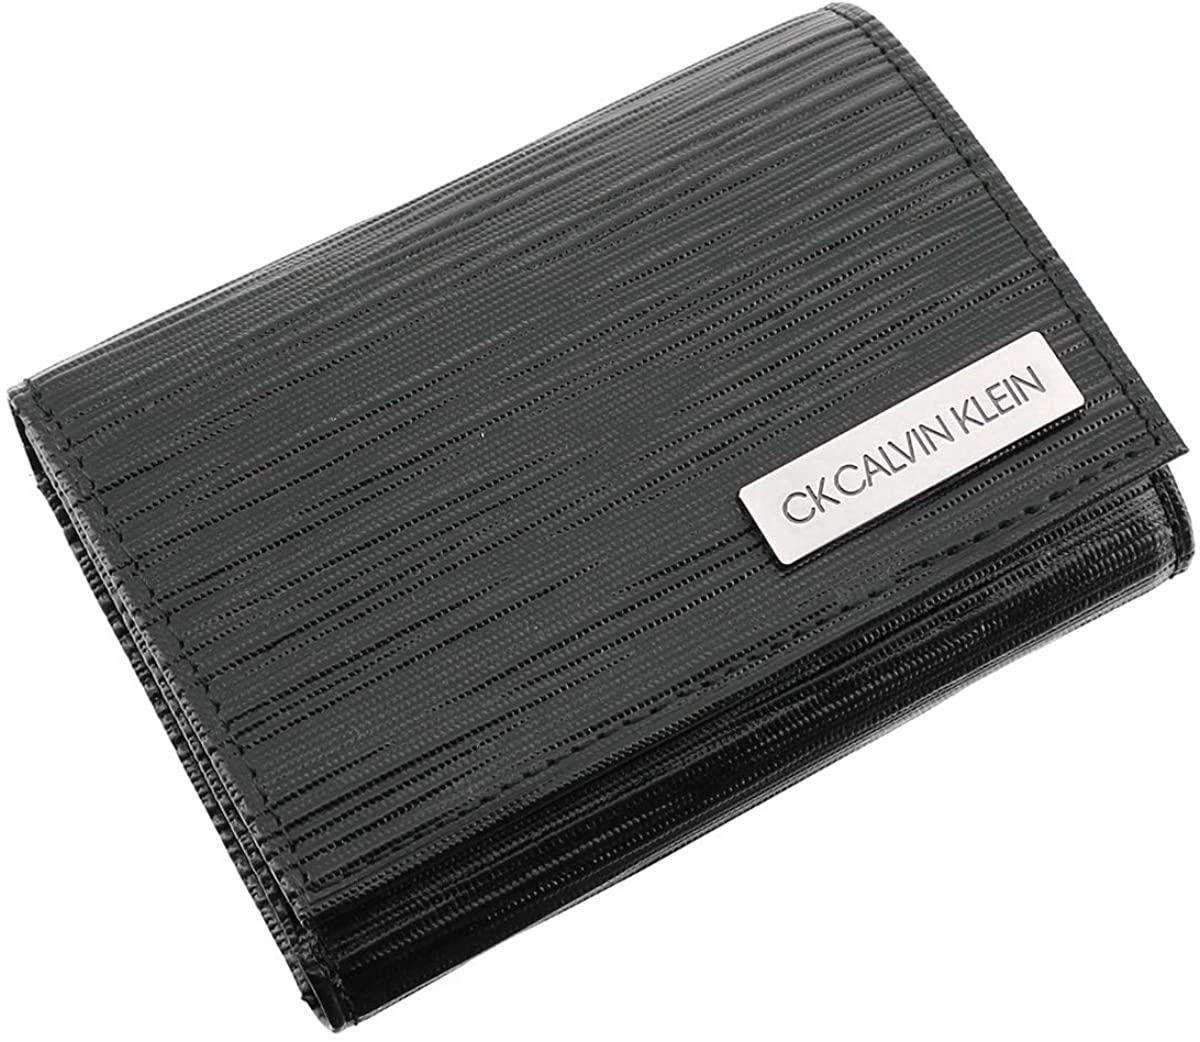 カルバンクライン 財布 おすすめ